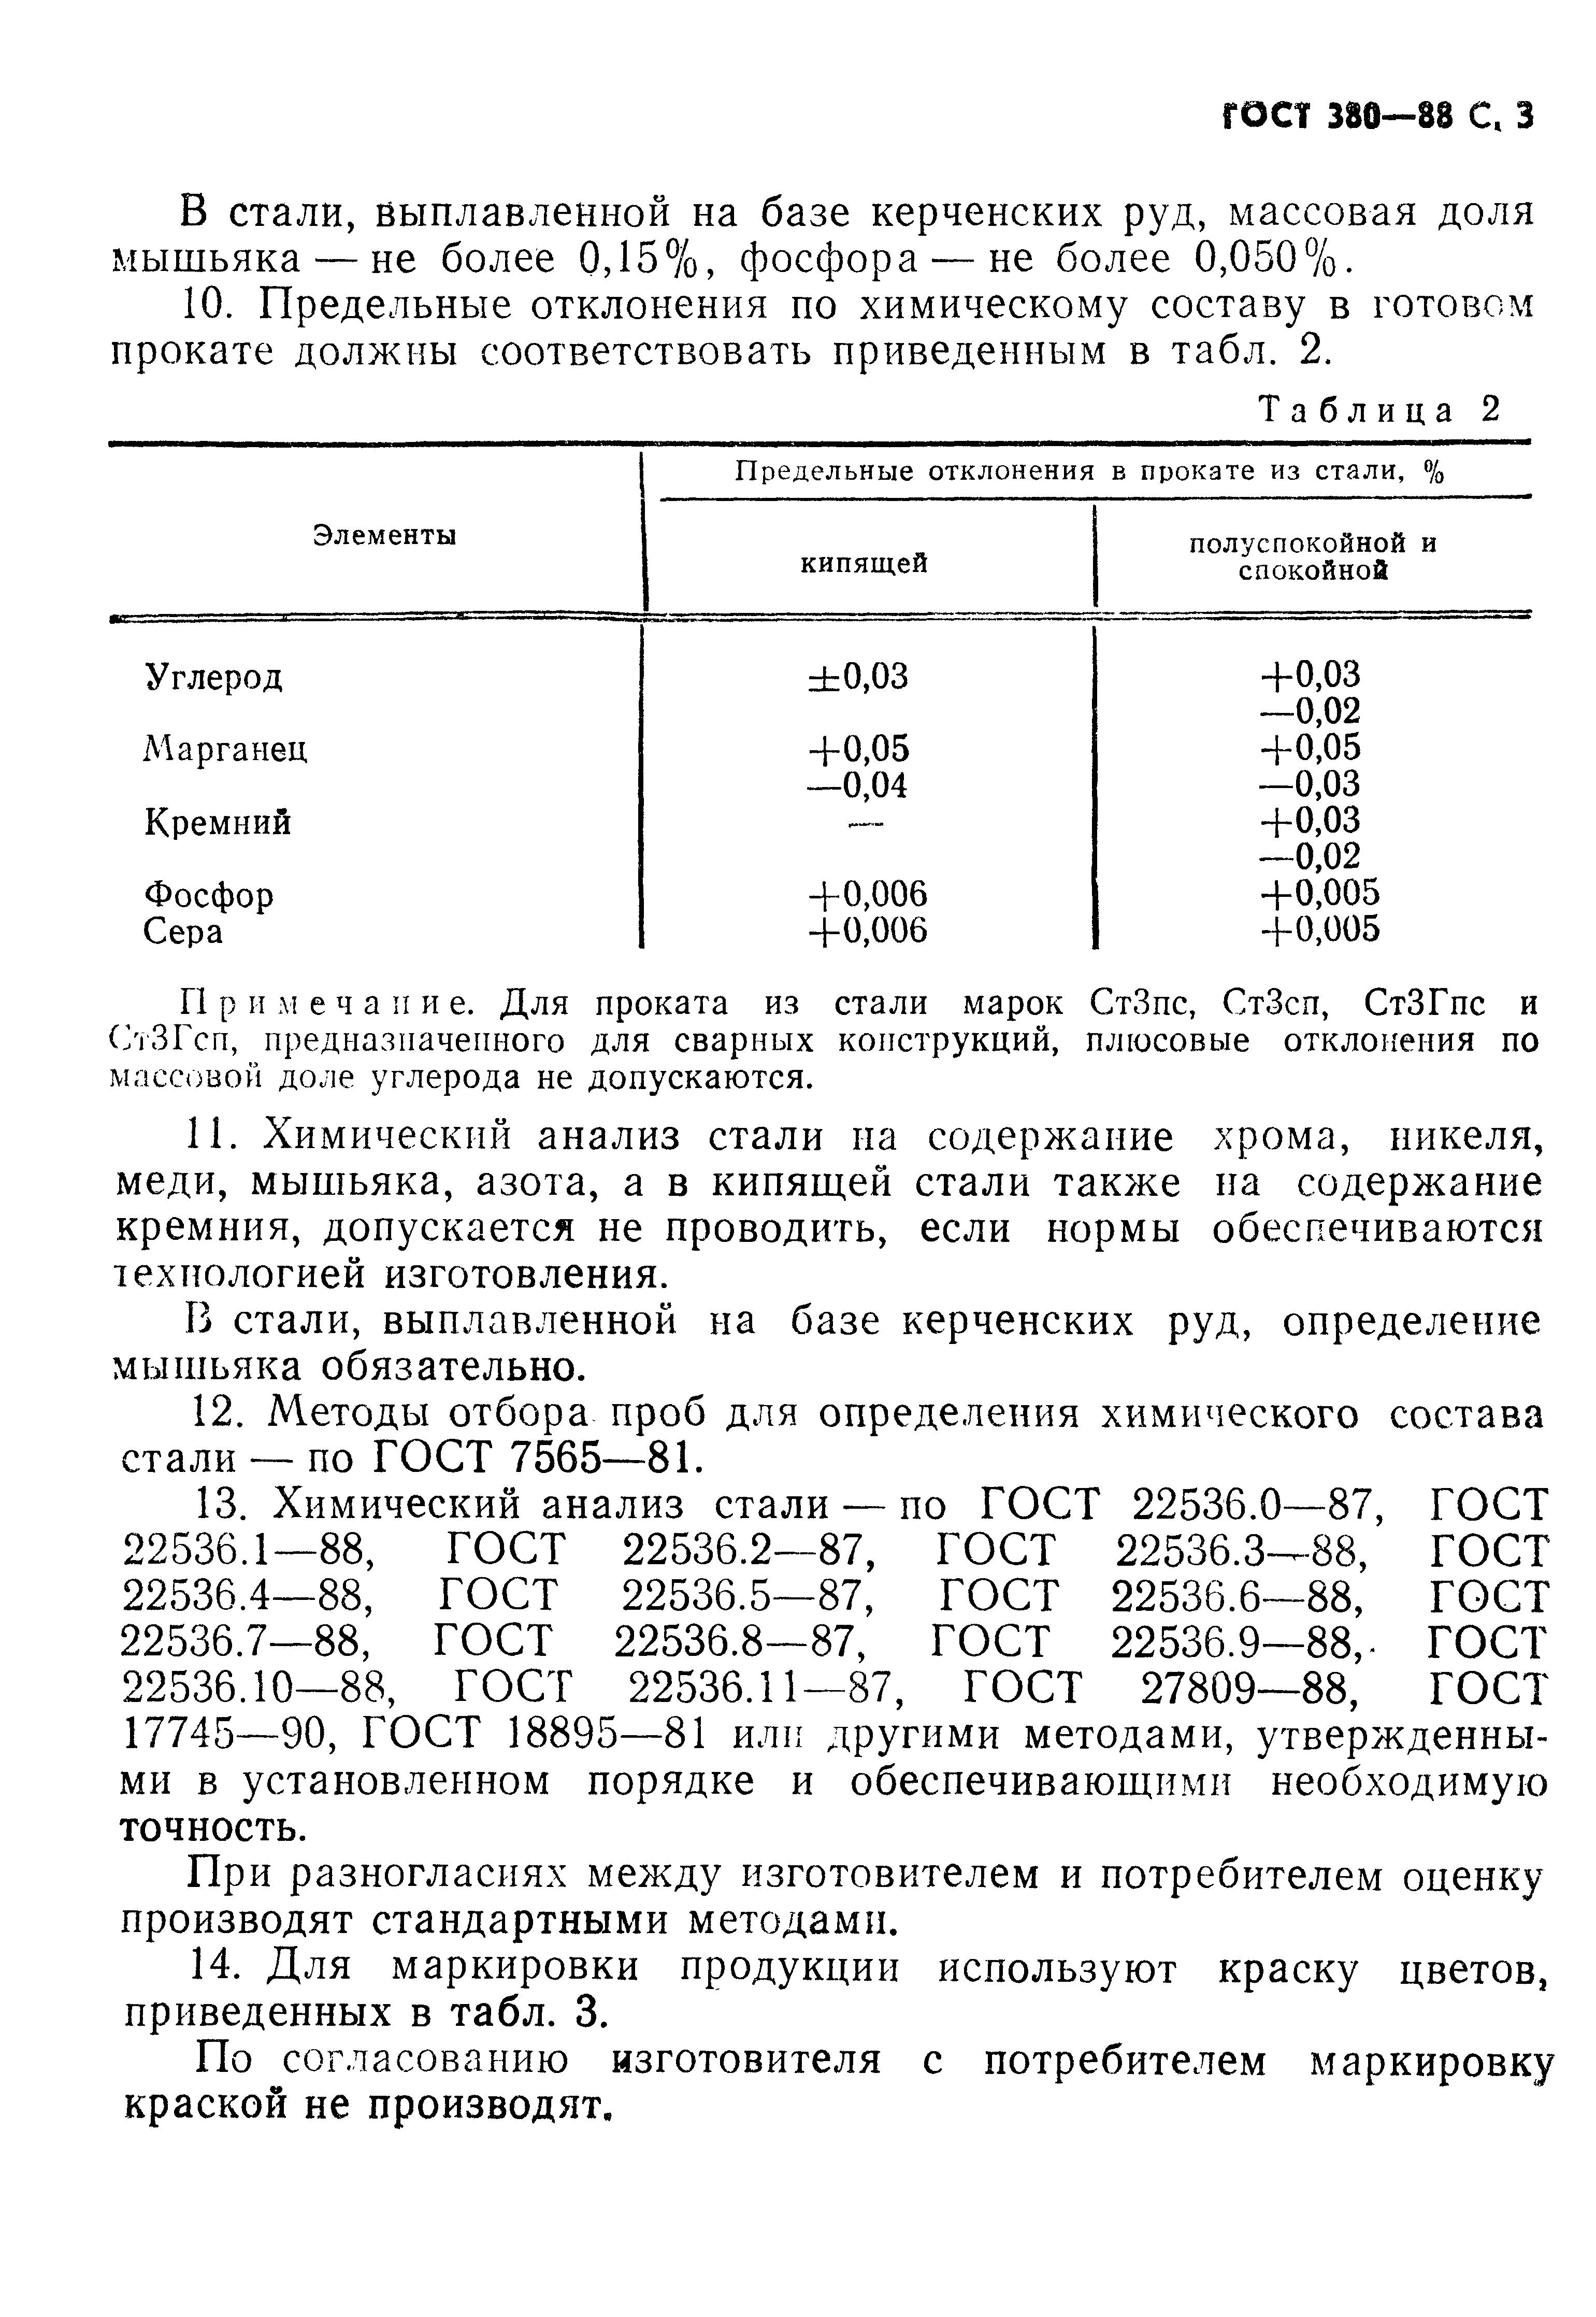 ГОСТ 380-88. Страница 4